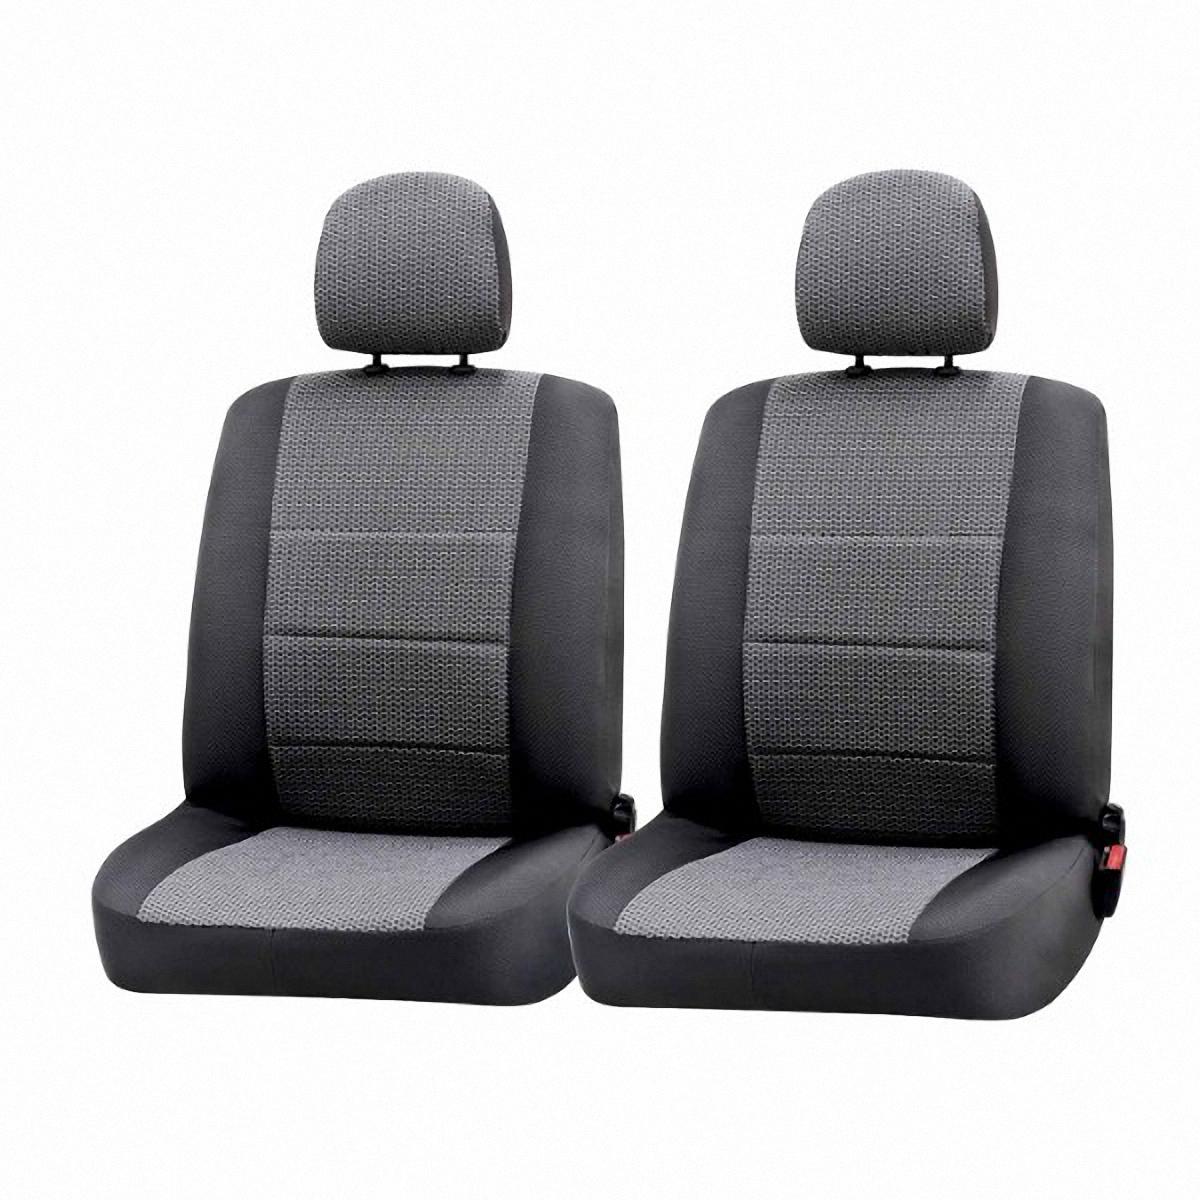 Чехлы автомобильные Skyway, для Renault Duster 2010-2015, хэтчбек98298123_черныйАвтомобильные чехлы Skyway изготовлены из качественного жаккарда. Чехлы идеально повторяют штатную форму сидений и выглядят как оригинальная обивка сидений. Разработаны индивидуально для каждой модели автомобиля. Авточехлы Skyway просты в уходе - загрязнения легко удаляются влажной тканью. Чехлы имеют раздельную схему надевания. В комплекте 12 предметов.